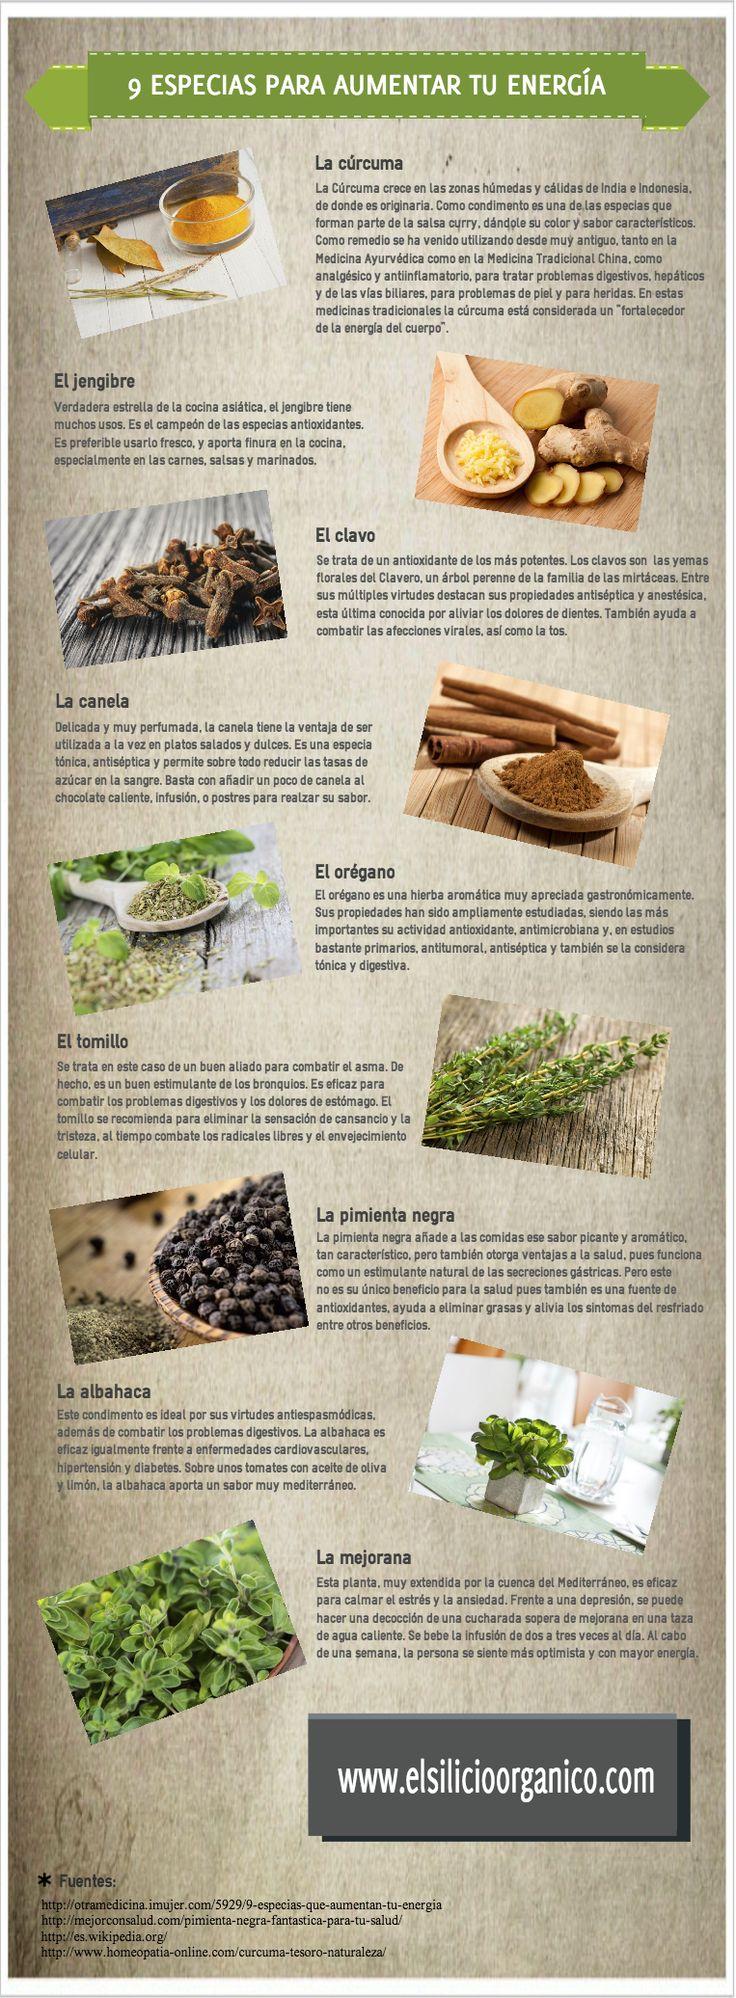 9 #especias para aumentar tu energía  #infografia